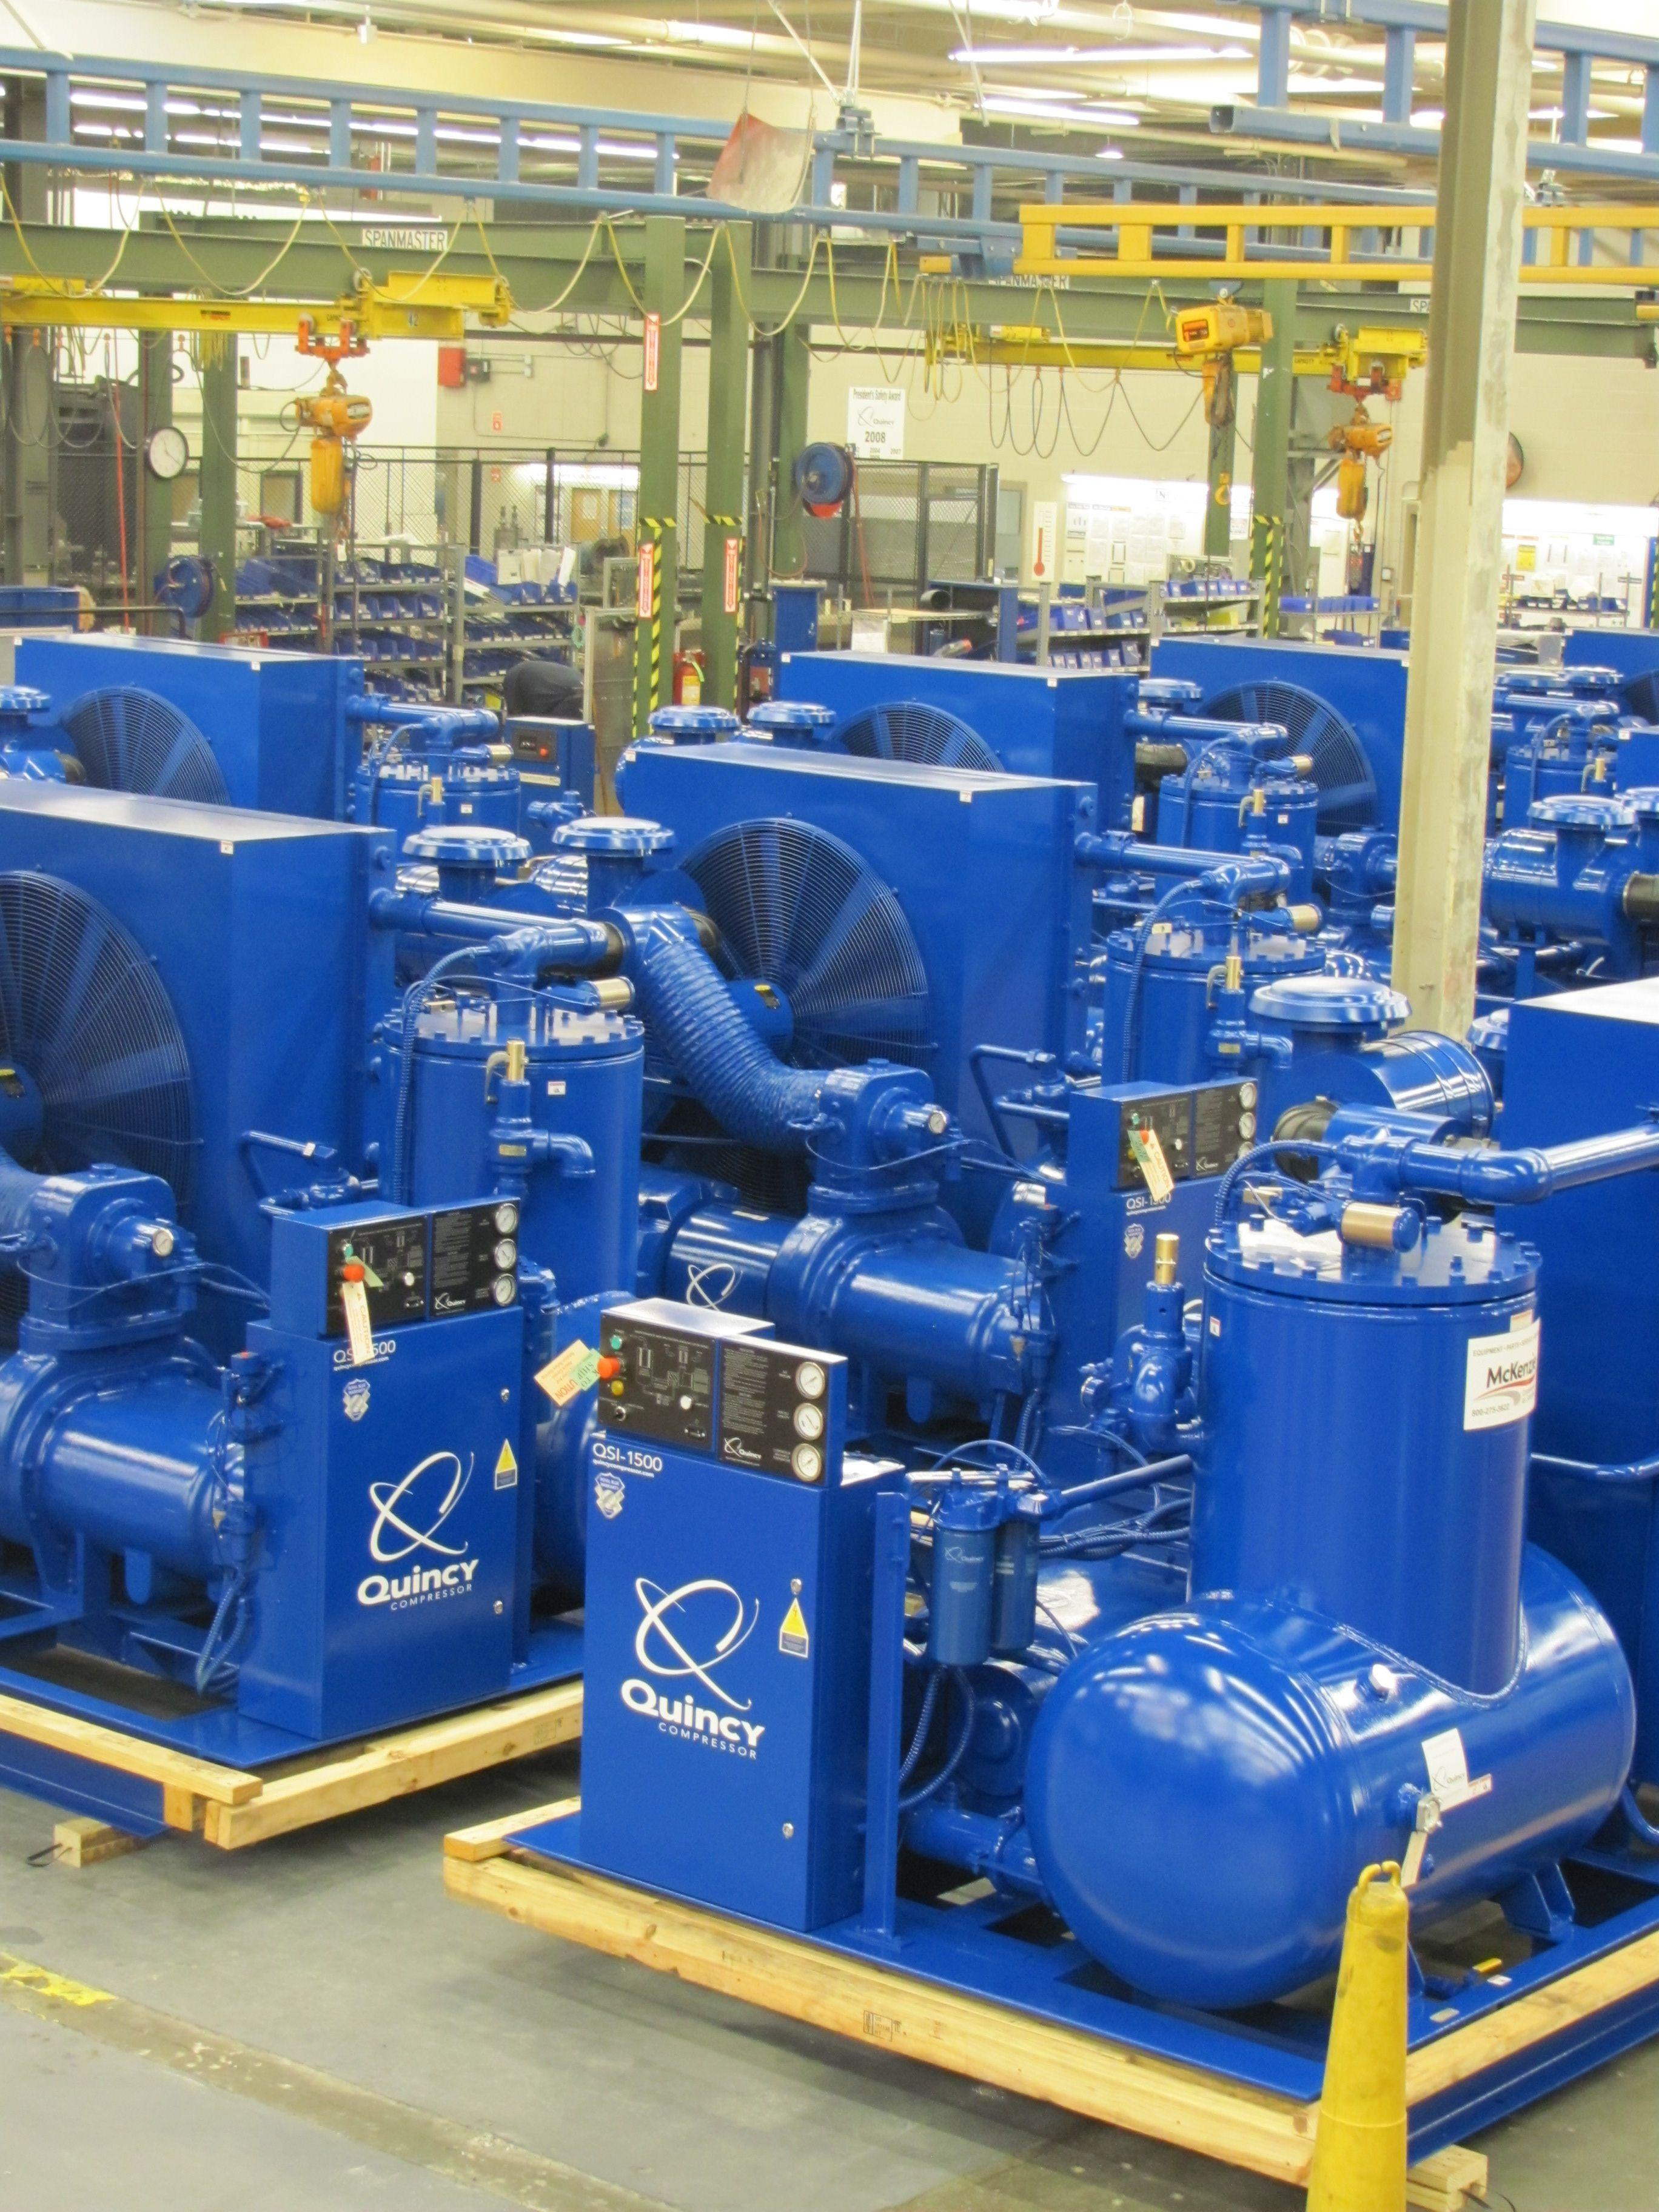 Quincy Compressors Compressors, Vacuum pump, Air compressor